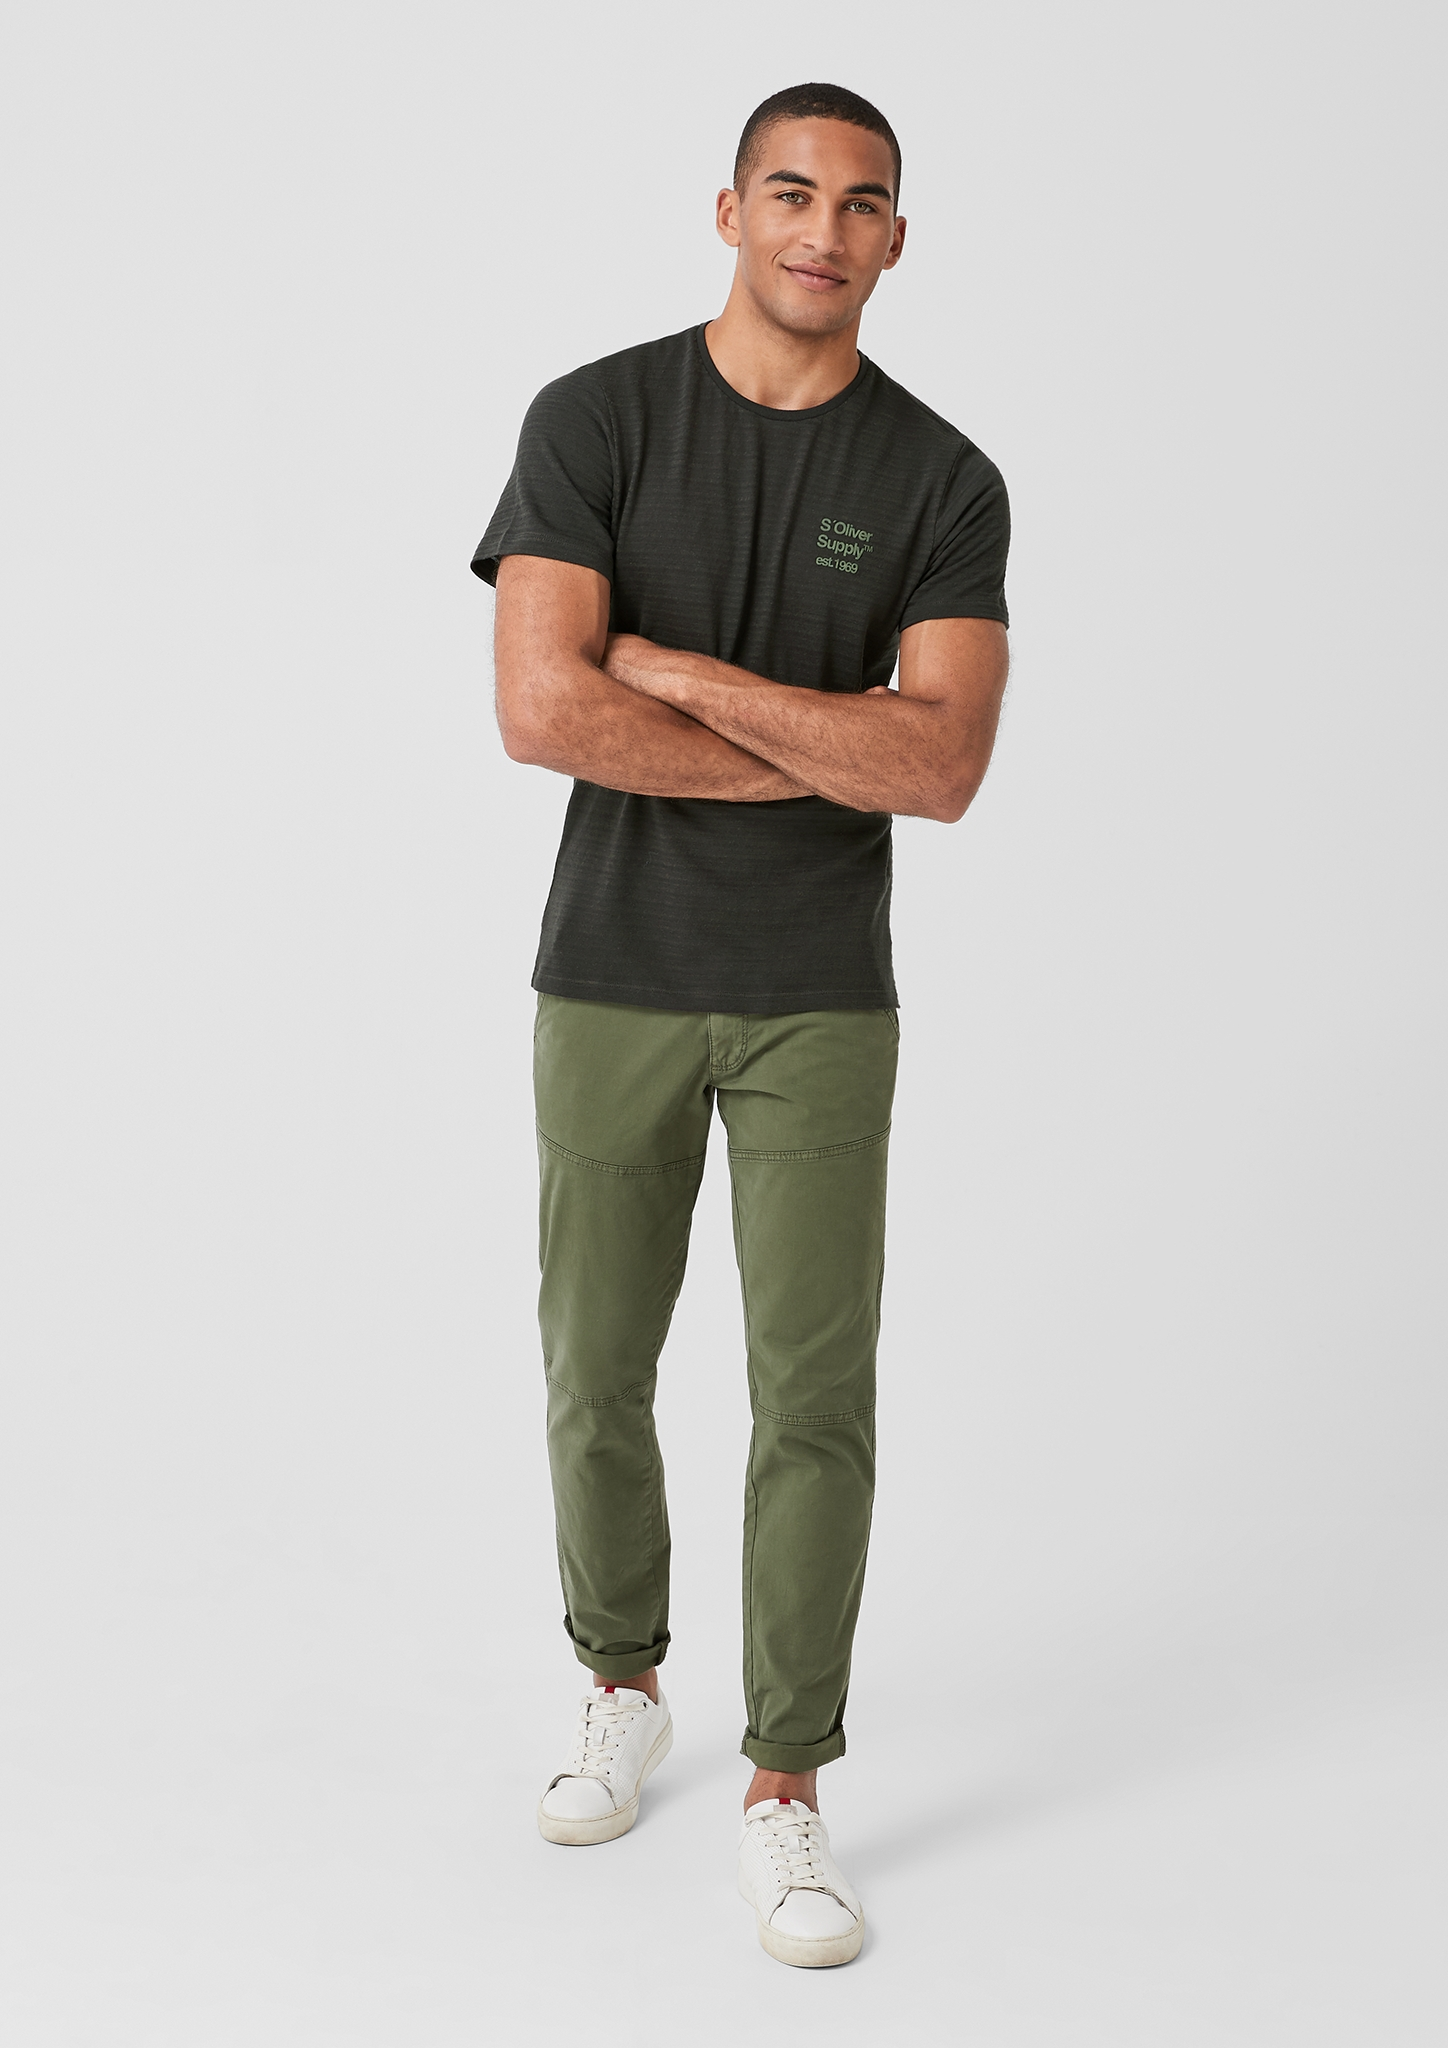 s-Oliver-Casual-Men-T-Shirt-mit-Strukturstreifen-Neu Indexbild 3